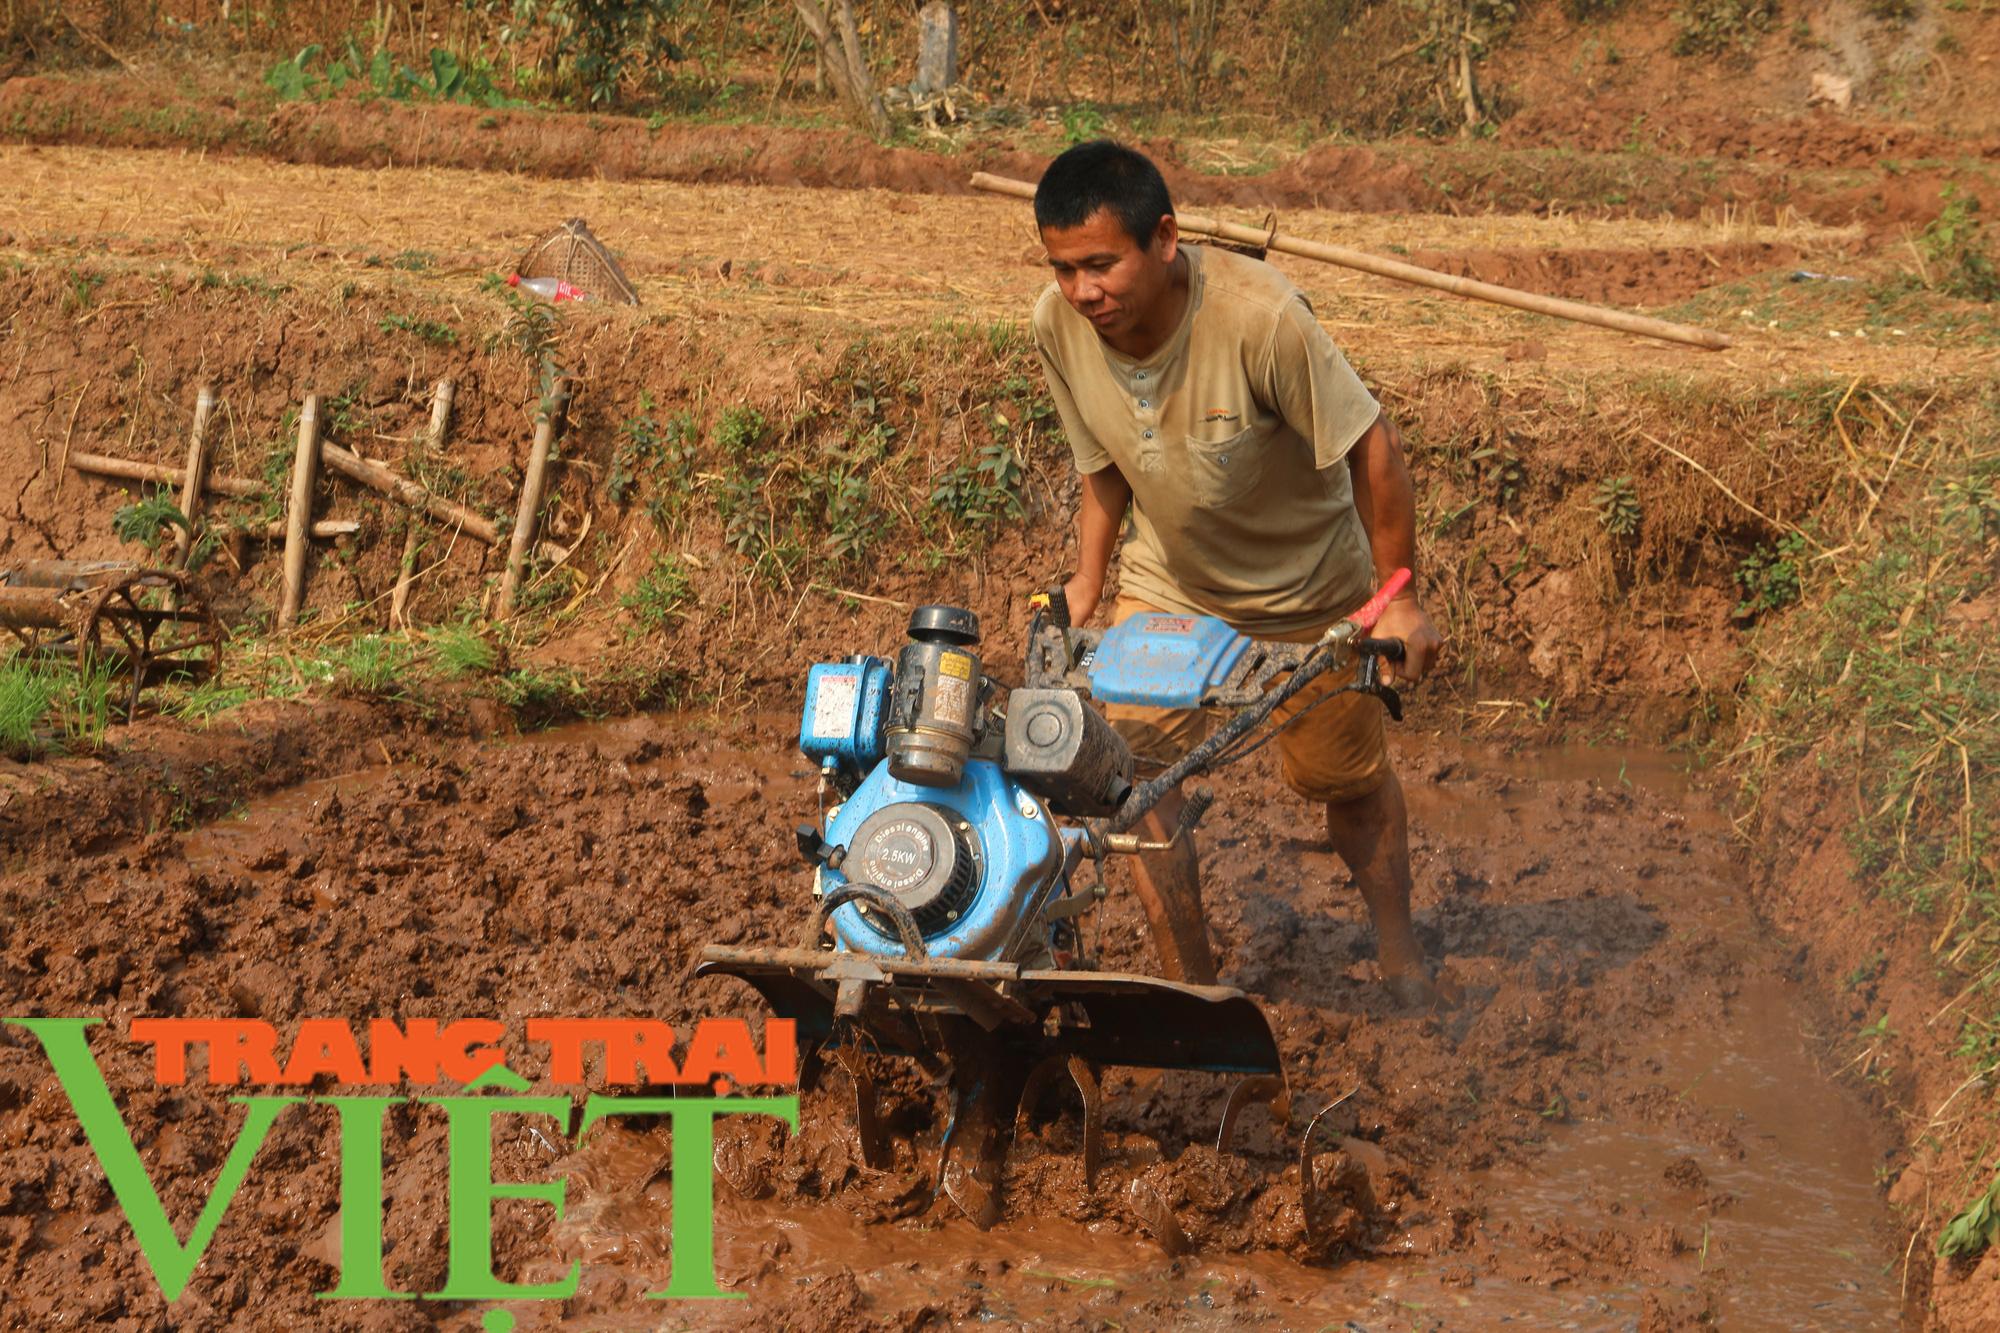 Yên Châu: Ứng dụng khoa học - kỹ thuật vào sản xuất nông nghiệp - Ảnh 4.